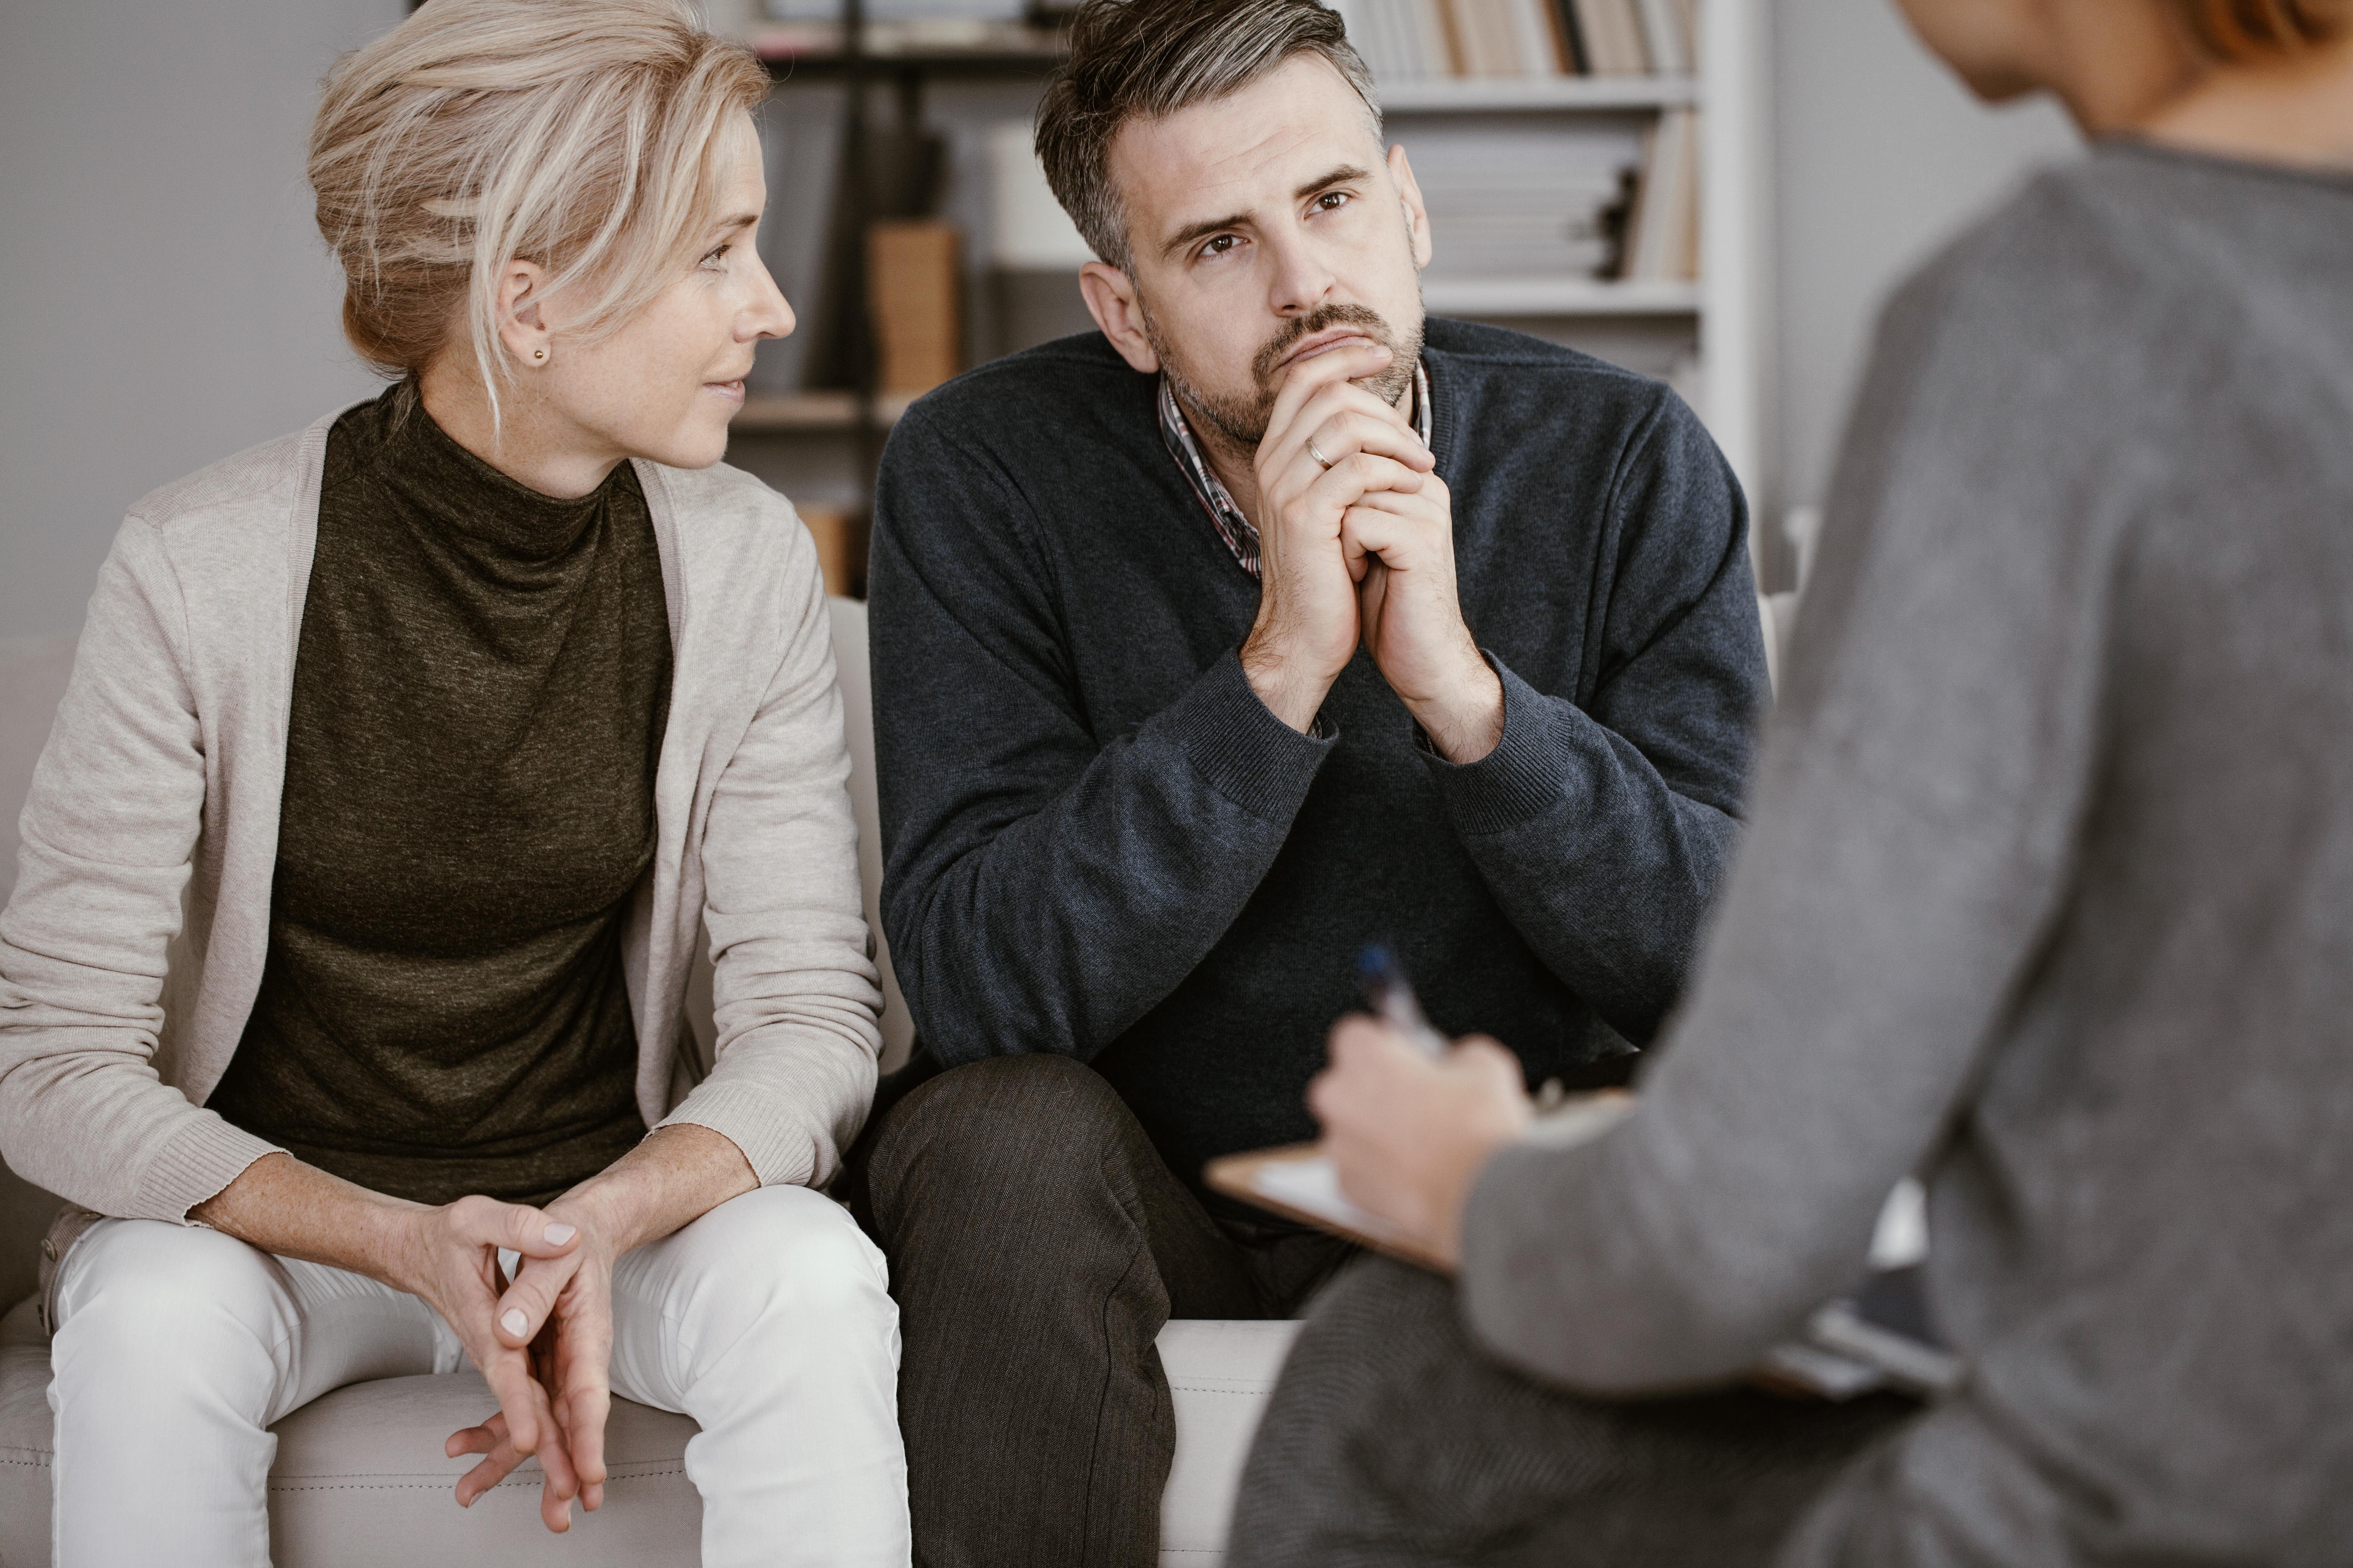 Paartherapie nach Trennung: Zweite Chance für die Beziehung?